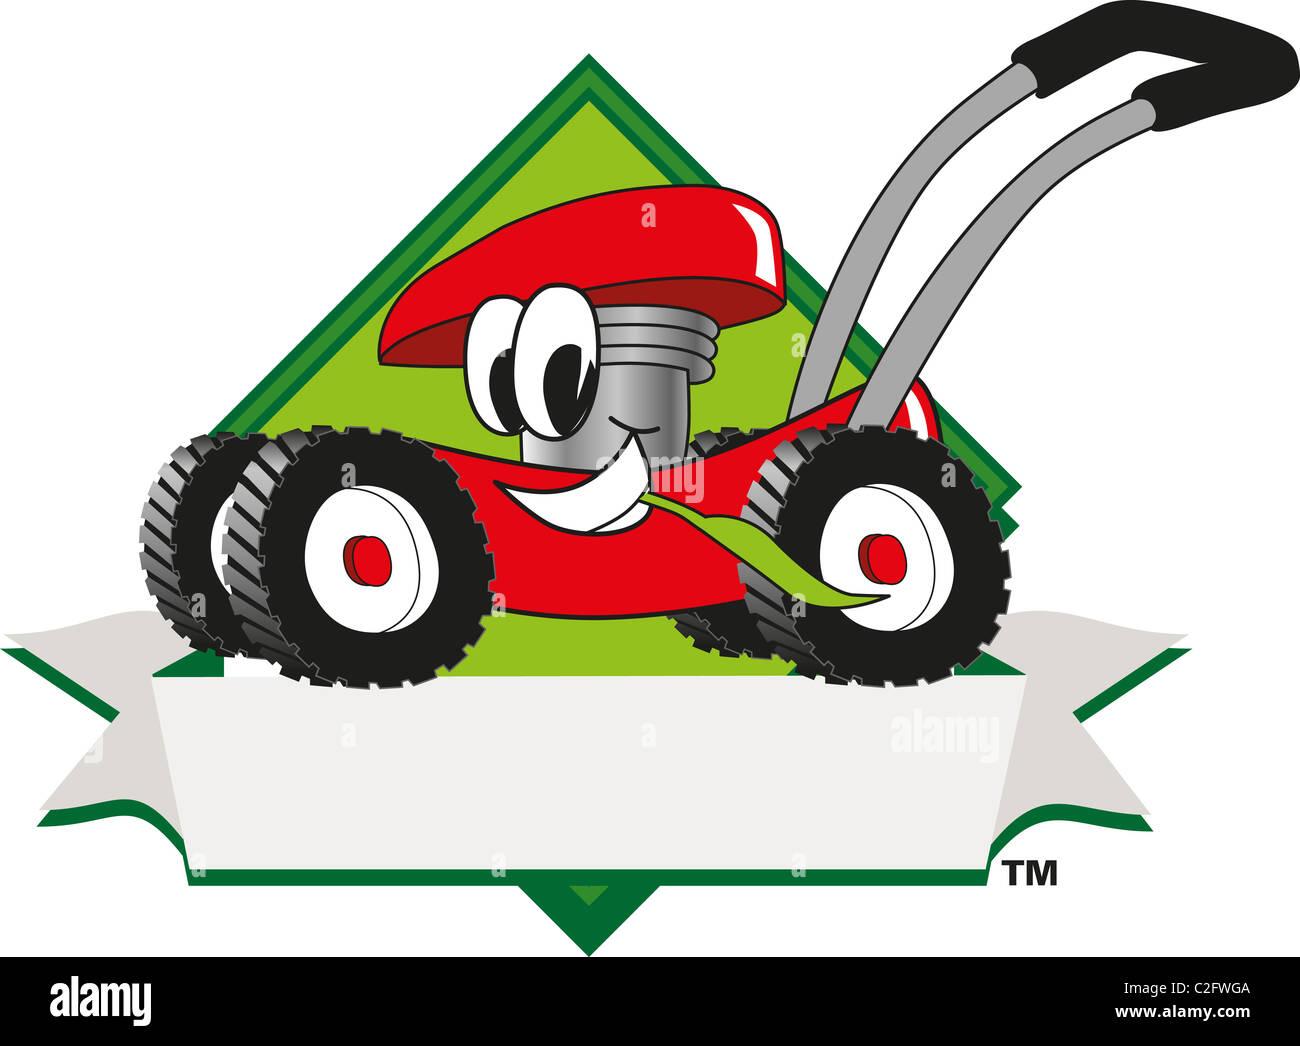 Cartoon Cortacésped Imágenes prediseñadas y plantillas de logotipo Foto de stock